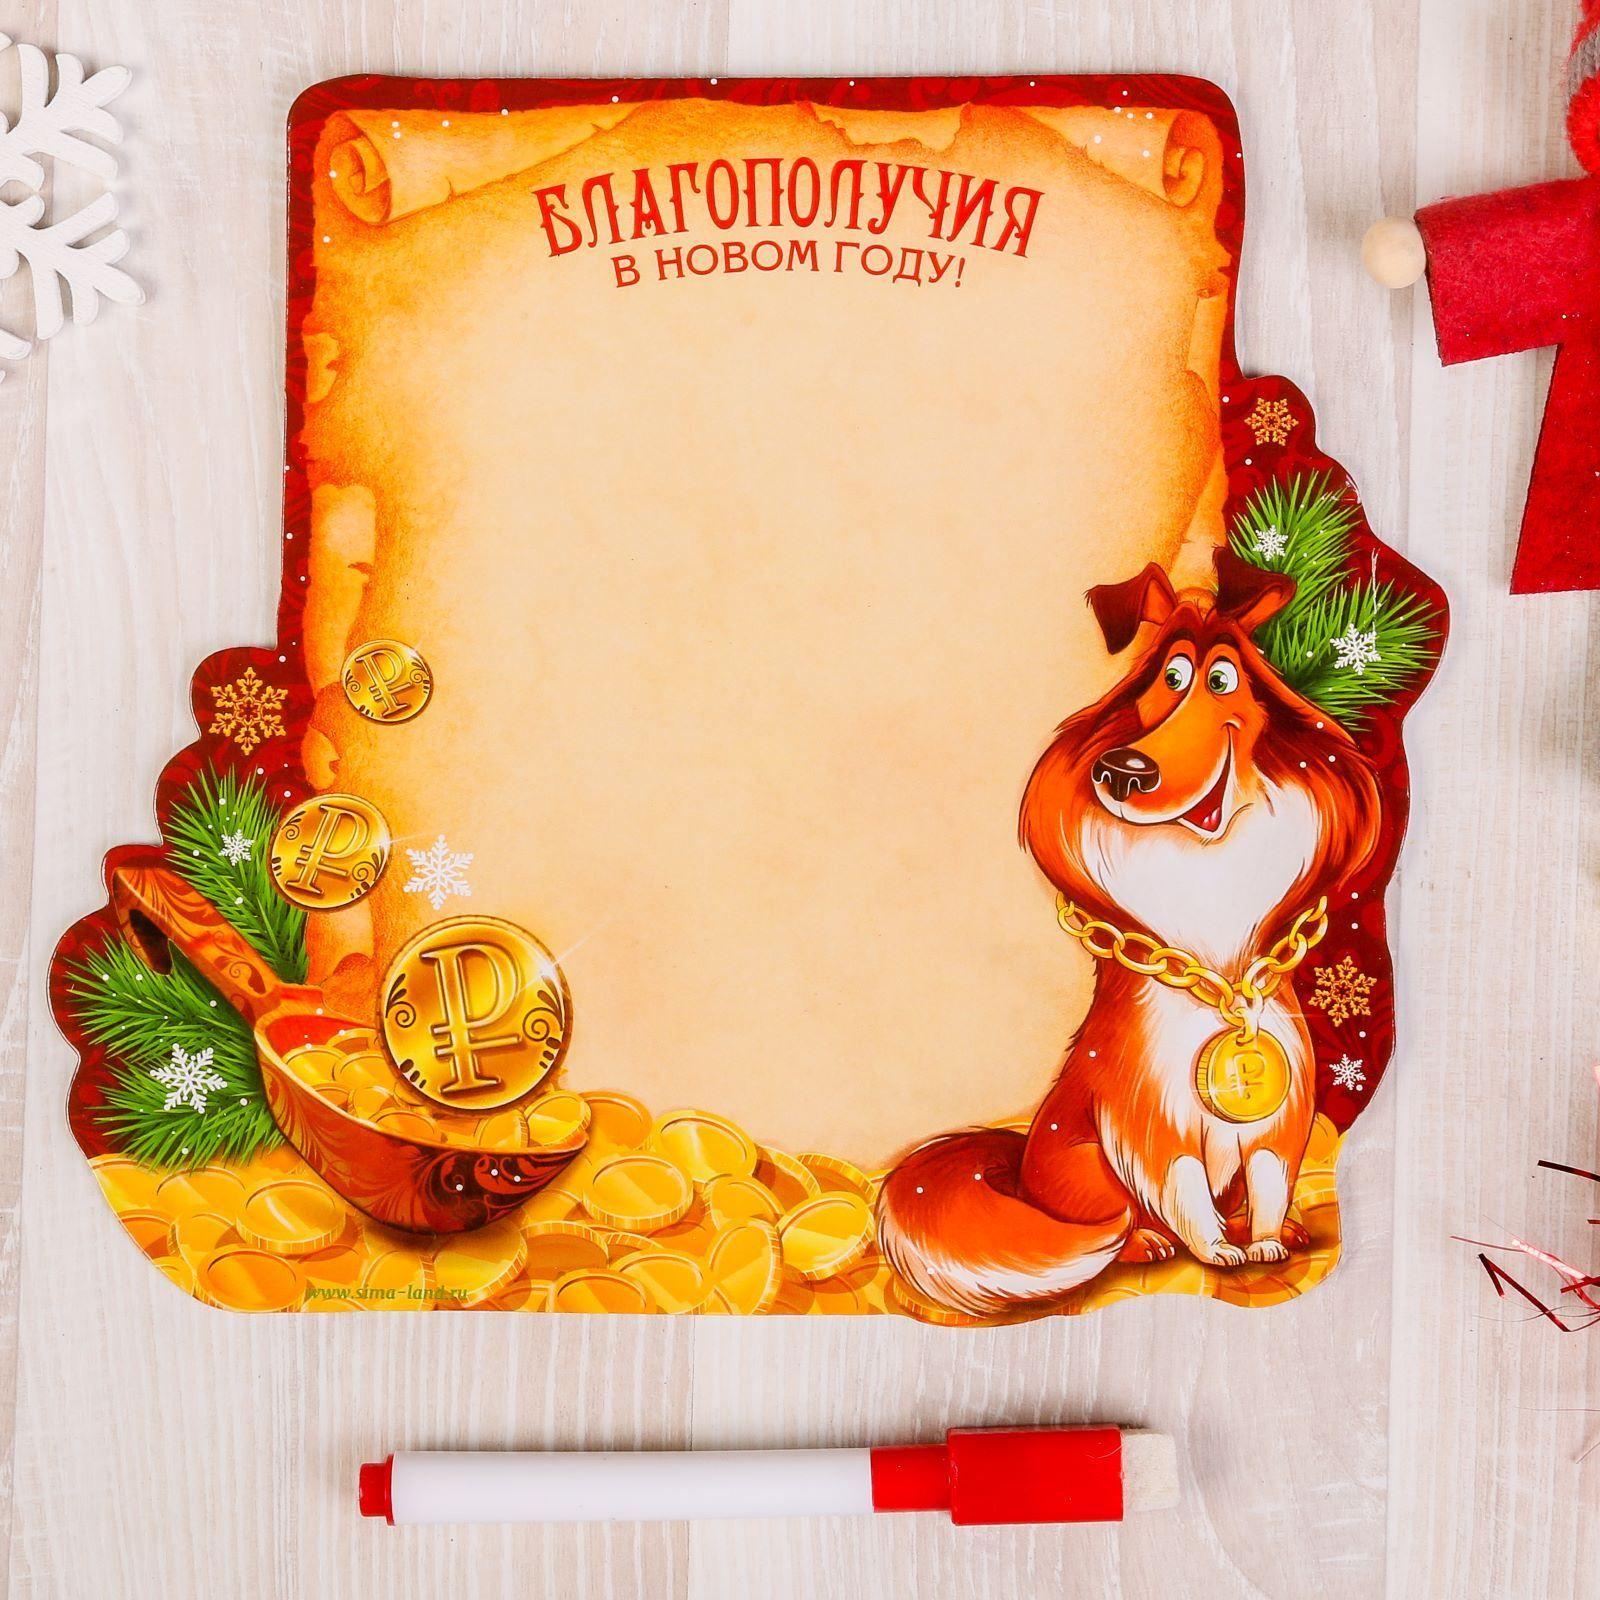 Доска магнитная Sima-land Благополучия в Новом году!, 20 х 20 см2196217Порадуйте родных и близких оригинальным сувениром: преподнесите в подарок магнит. С ним даже самый серьёзный человек почувствует себя ребёнком, ожидающим чудо! Создайте праздничное настроение, и оно останется с вами на весь год.